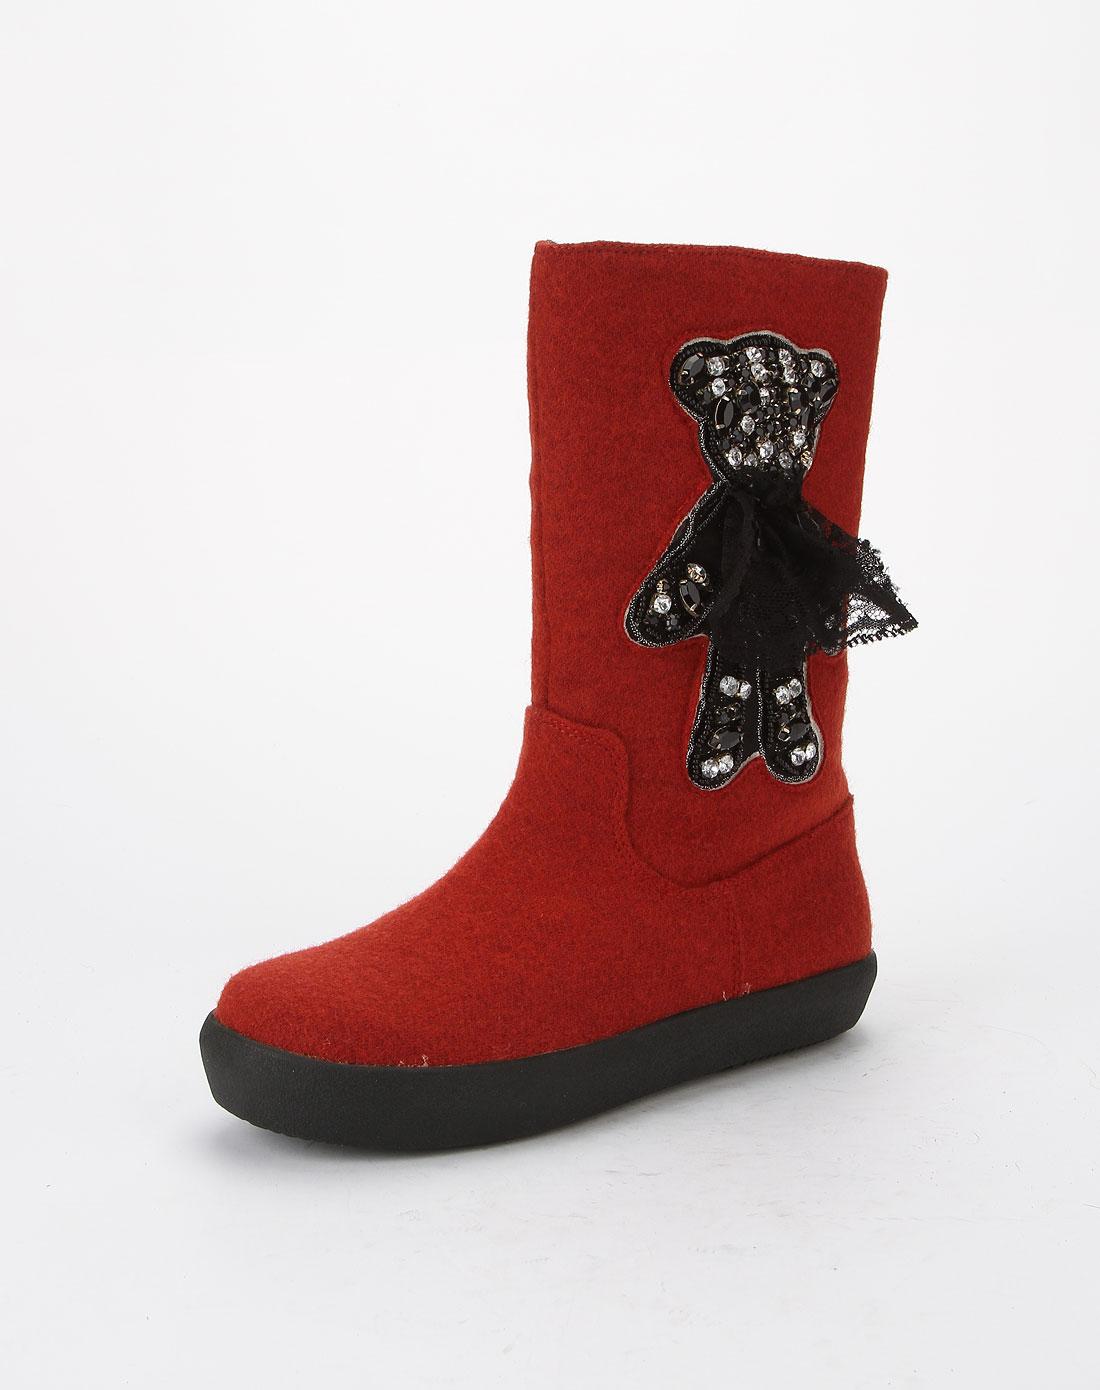 哈森旗下品牌女鞋混合专场-爱旅儿女款红色大方简约平底中靴